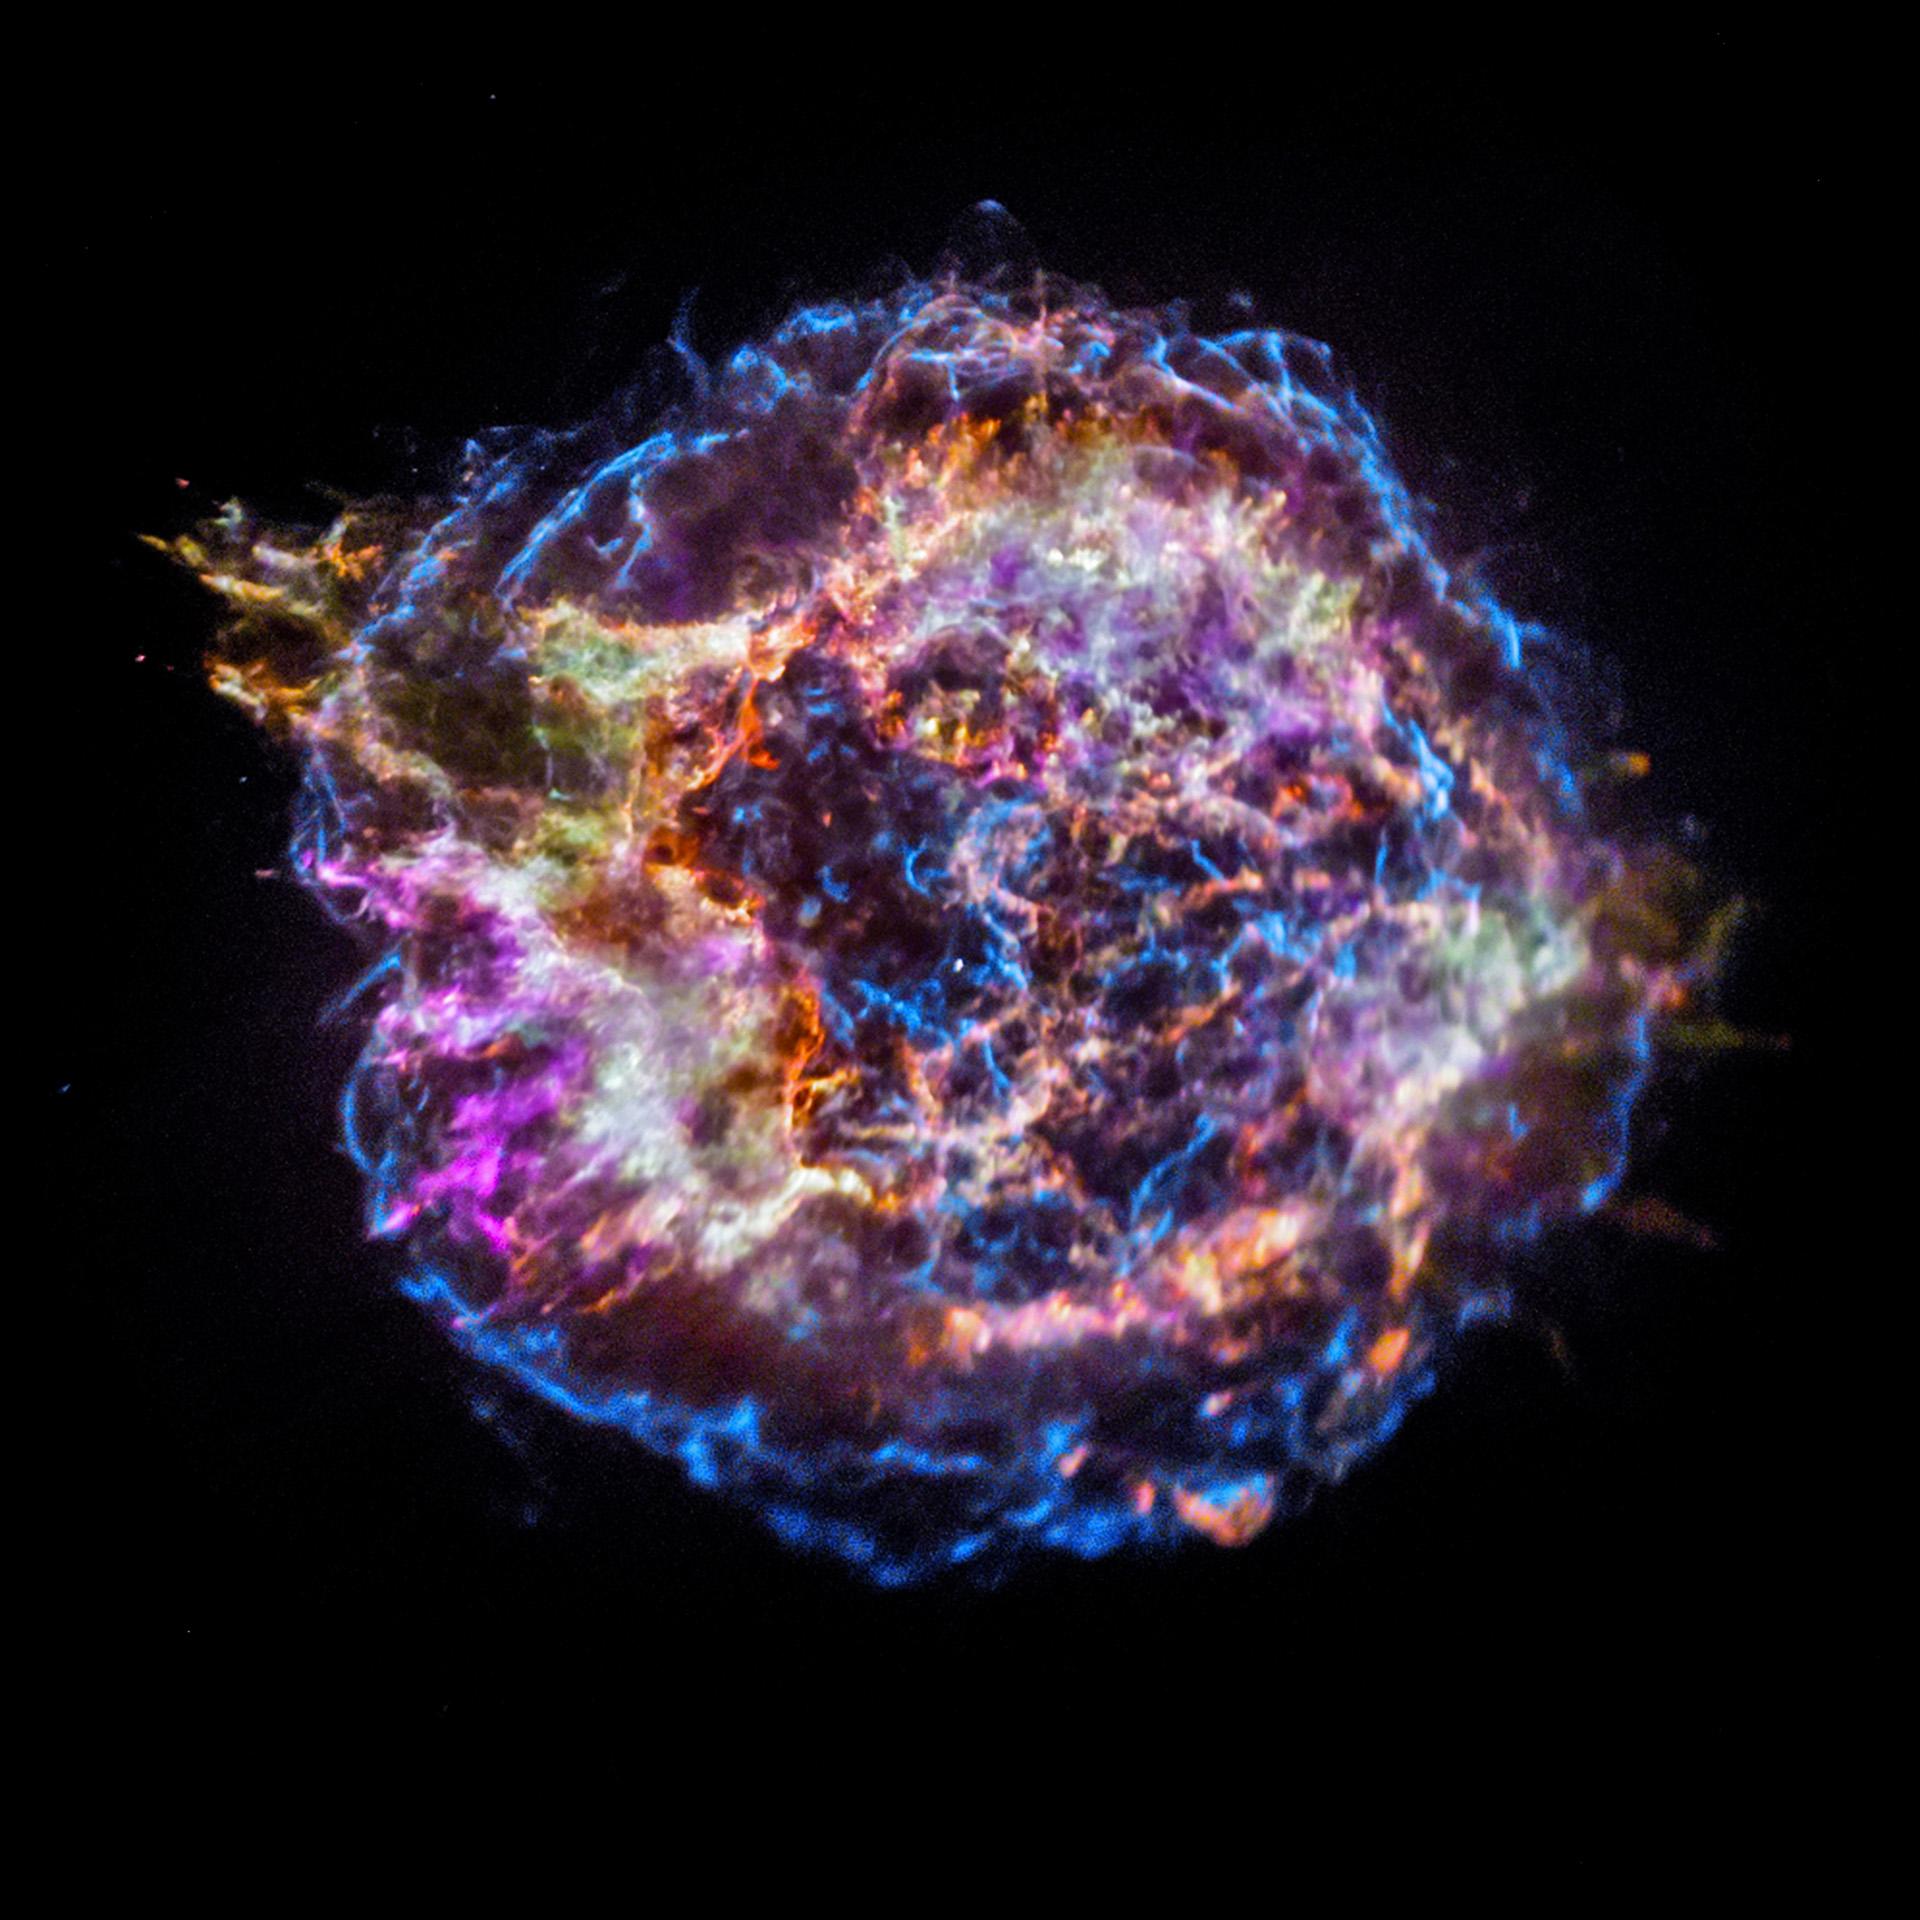 Телескоп Chandra NASA раскрыл секреты остатков взорвавшейся звезды